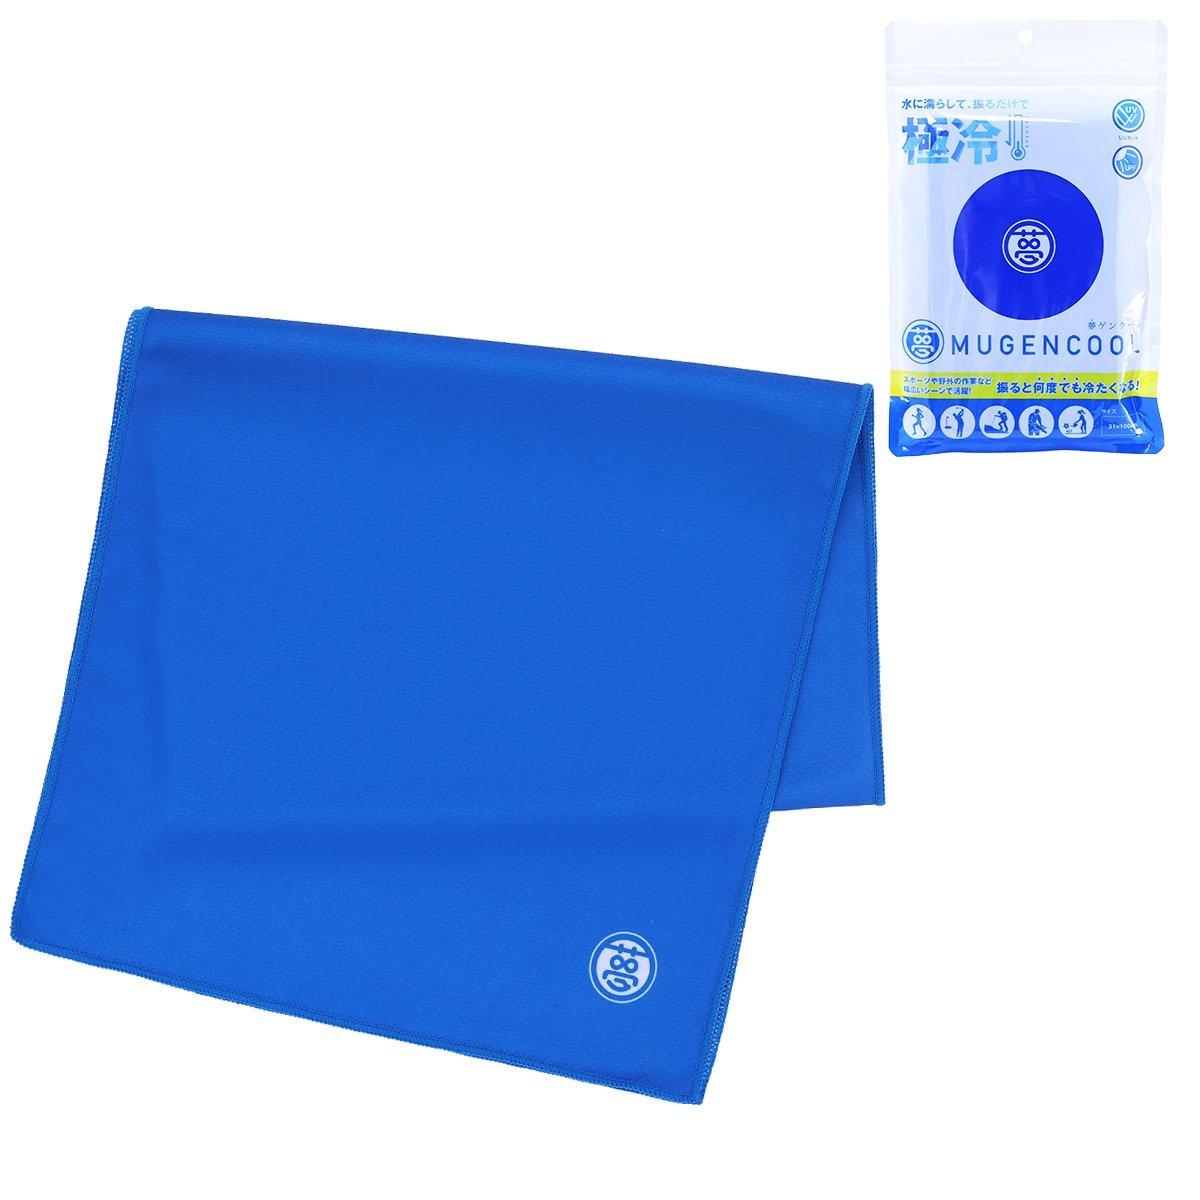 冷却タオルのおすすめ11選!接触冷感タオルも